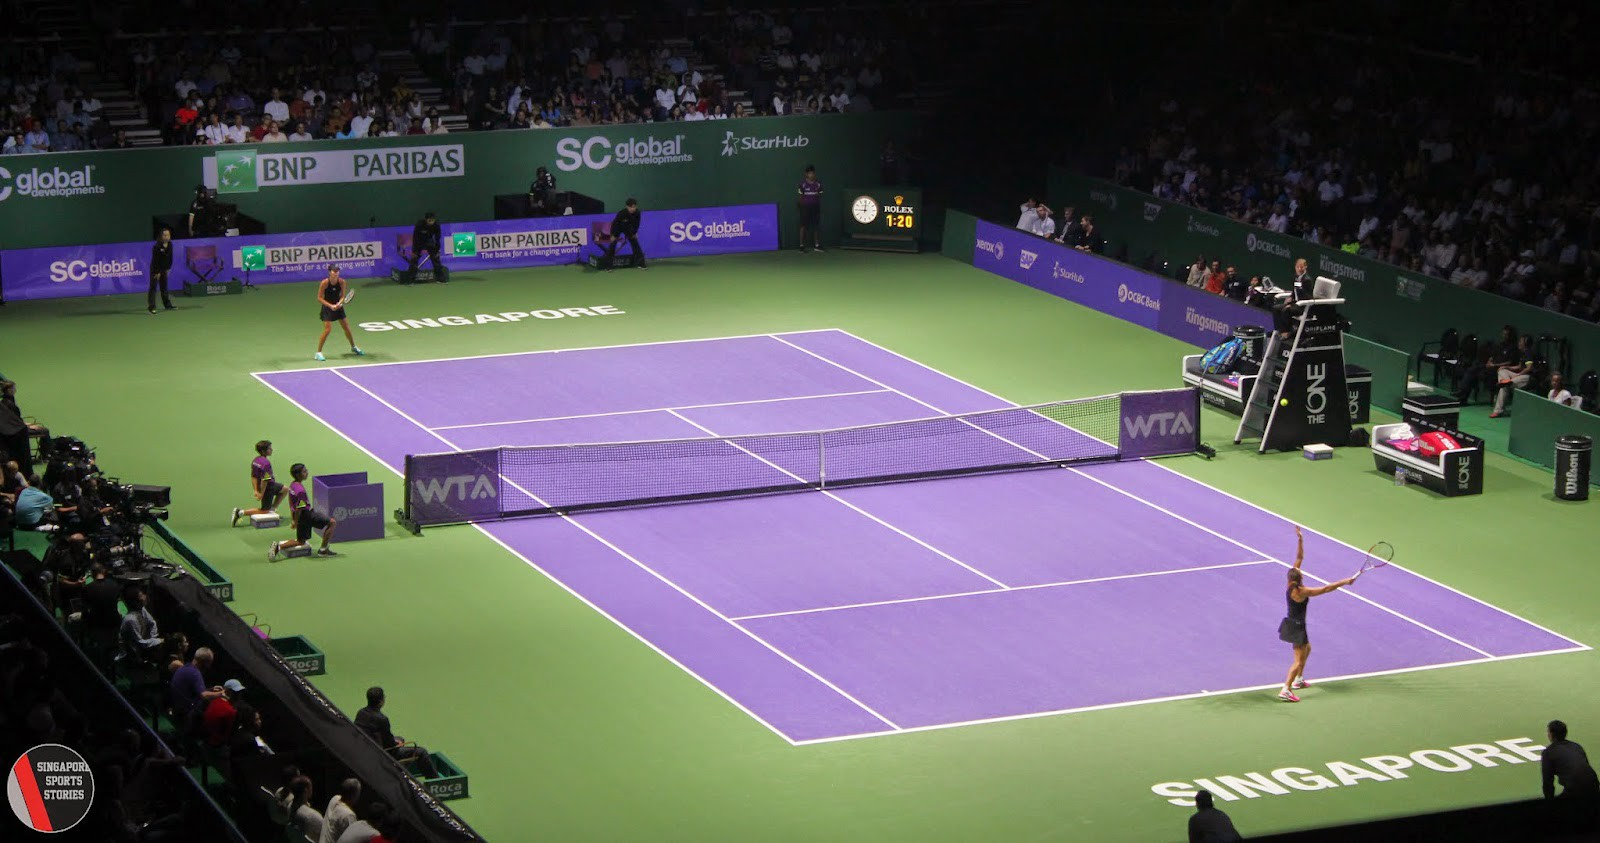 Người dân Đông Nam Á có cơ hội được đến sân xem ATP Finals từ năm 2021? - Ảnh 1.